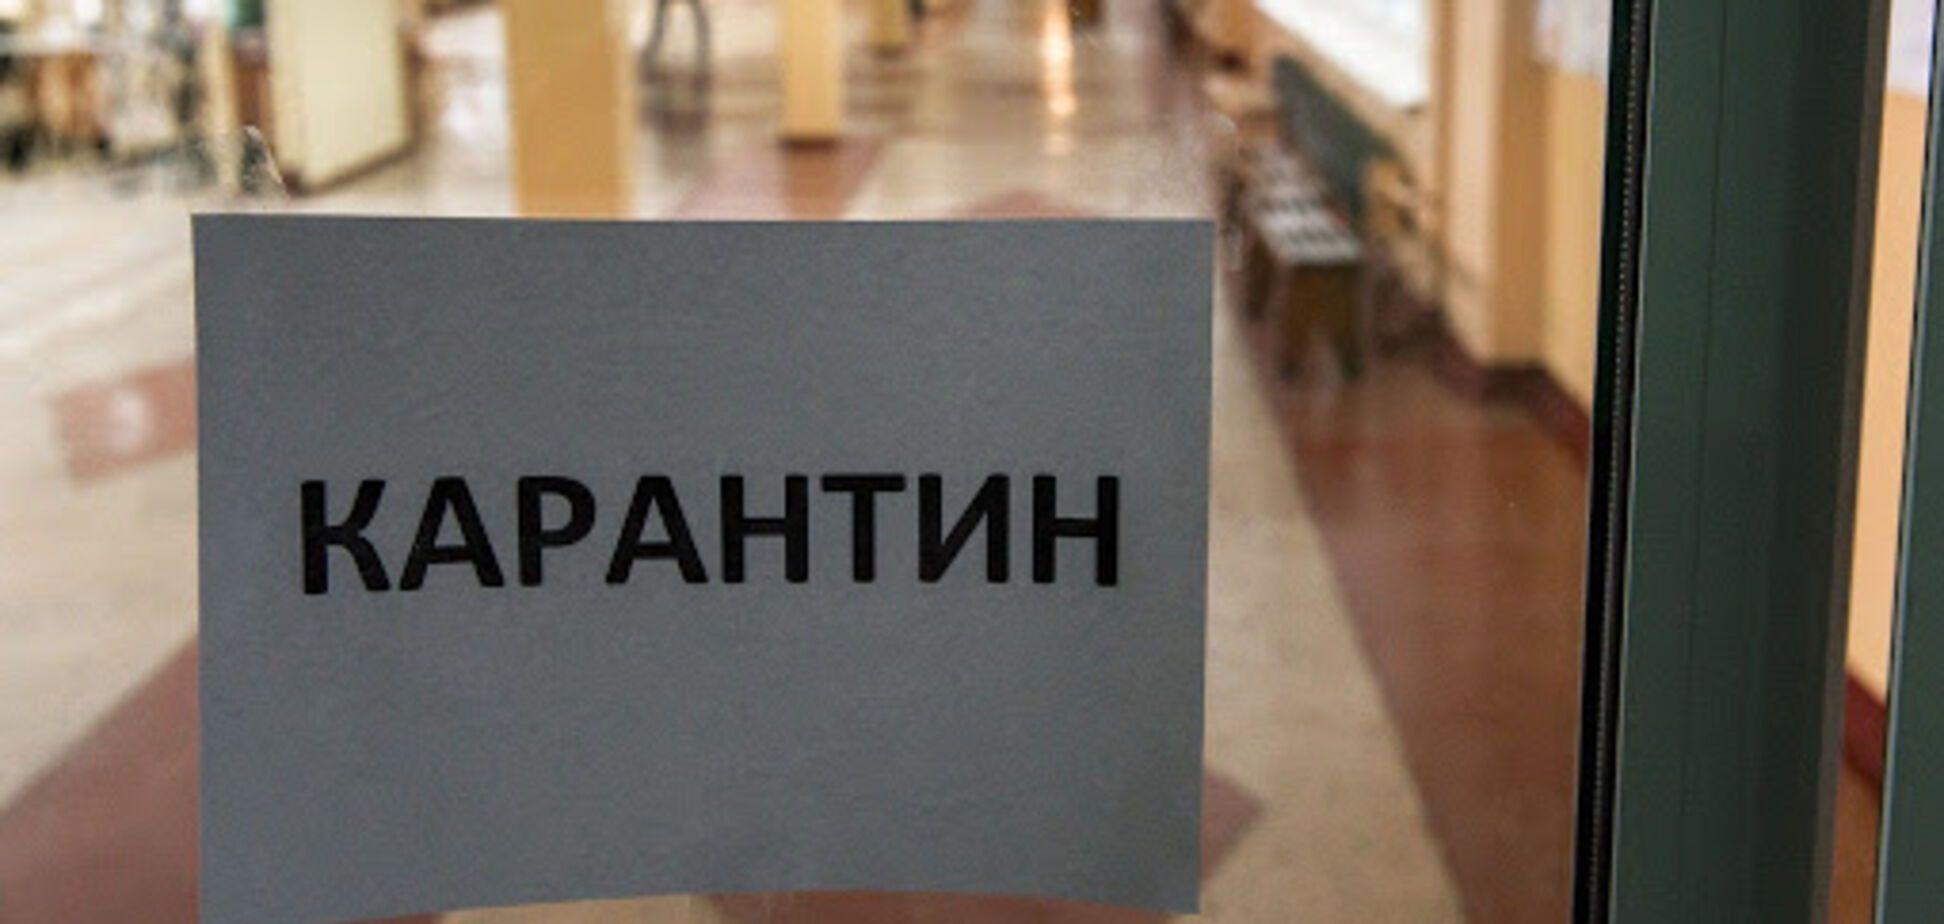 У Запоріжжі та Миколаєві закривають всі кафе і ТРЦ на карантин через коронавірус